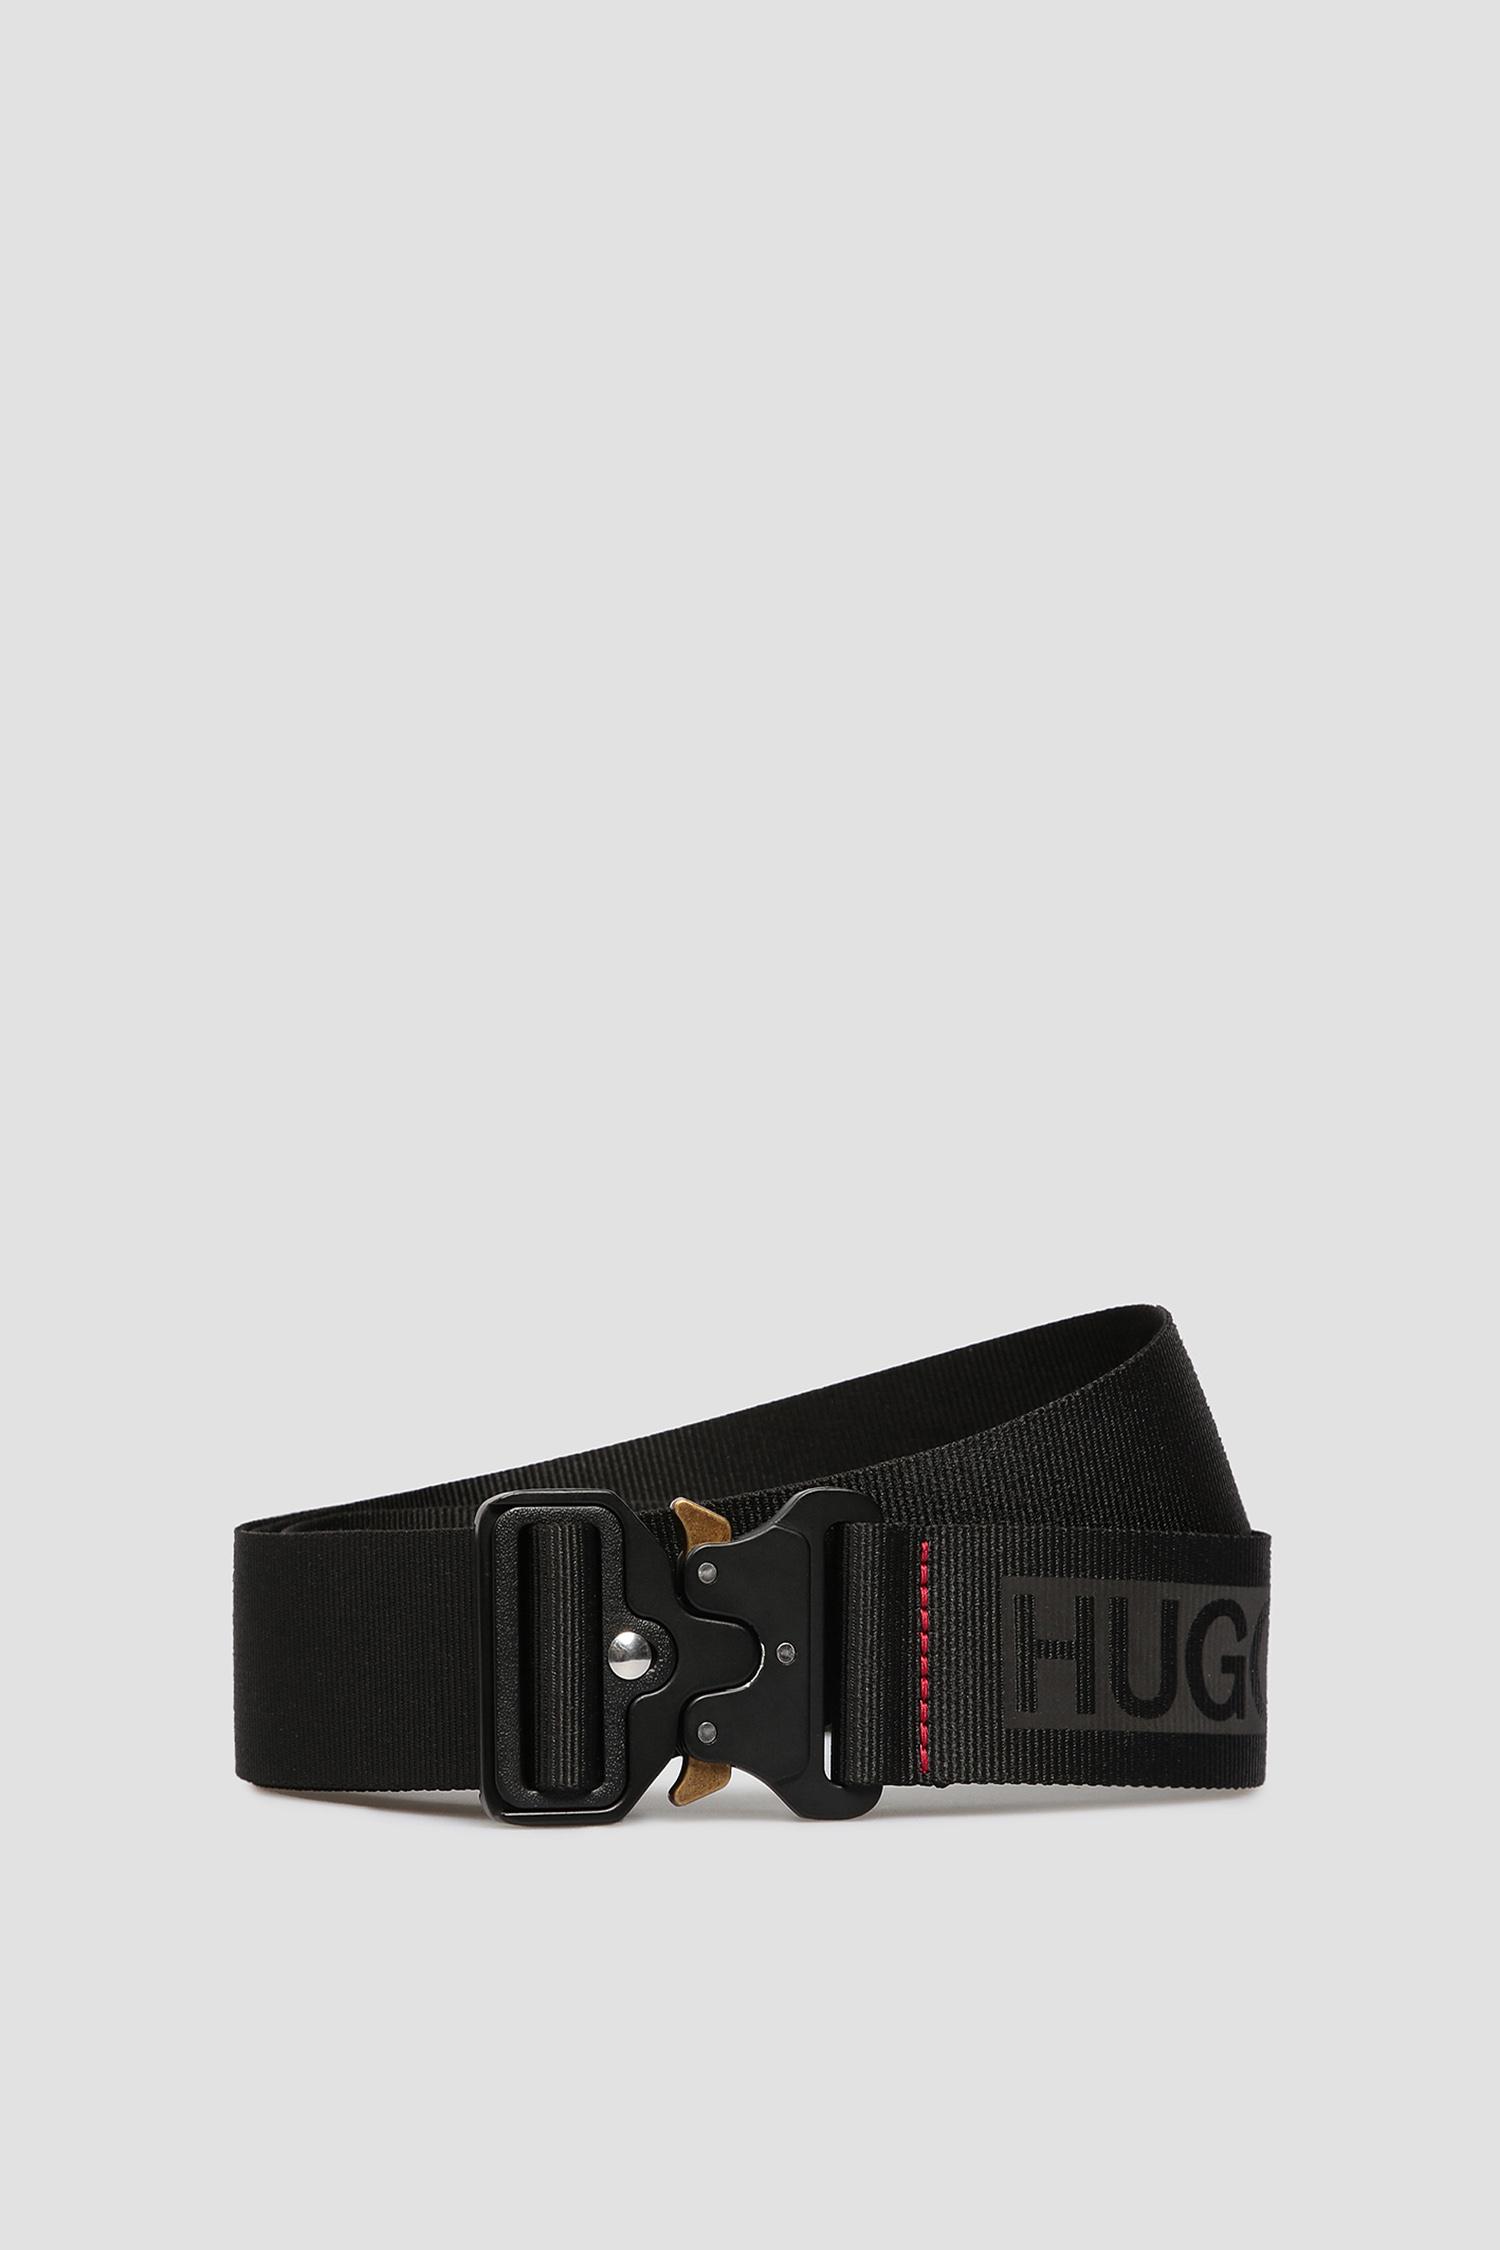 Мужской черный ремень HUGO 50430349;001